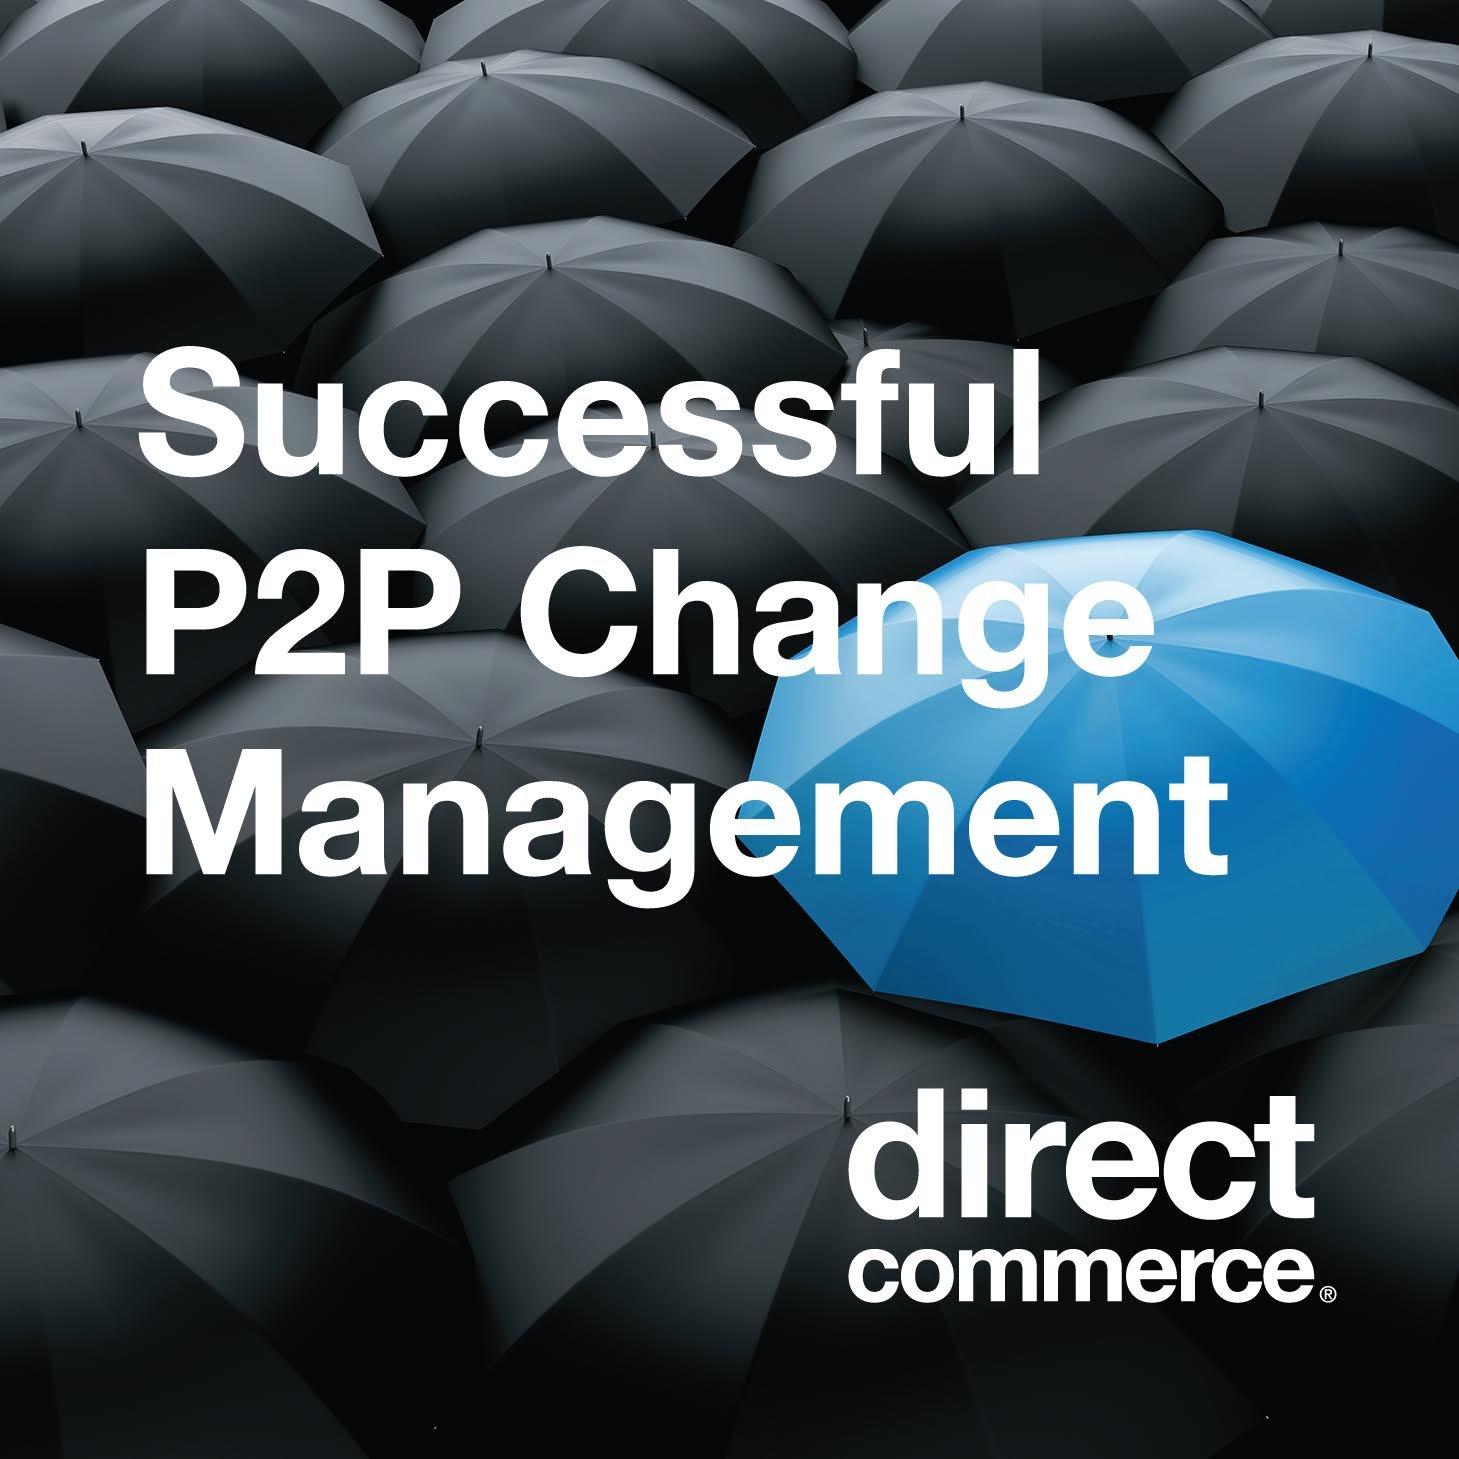 Successful P2P Change Management